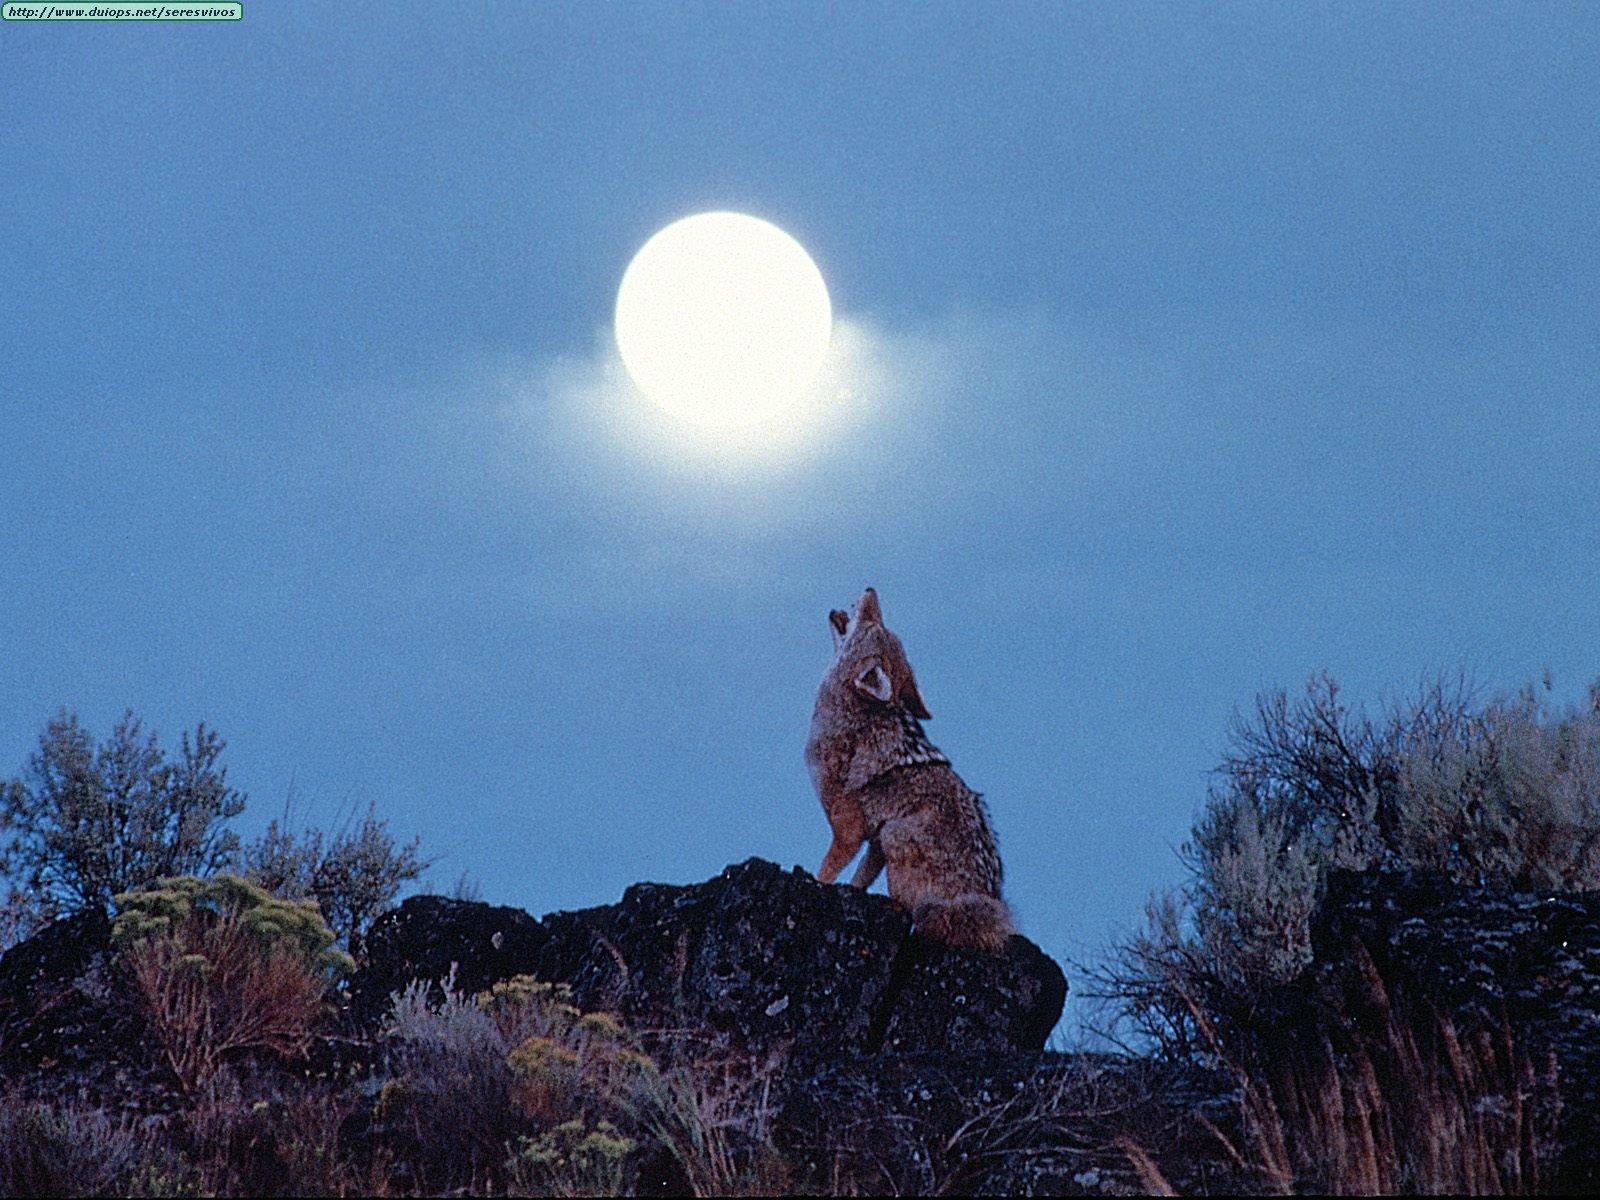 Fotos de coyotes  Fotos de coyote...